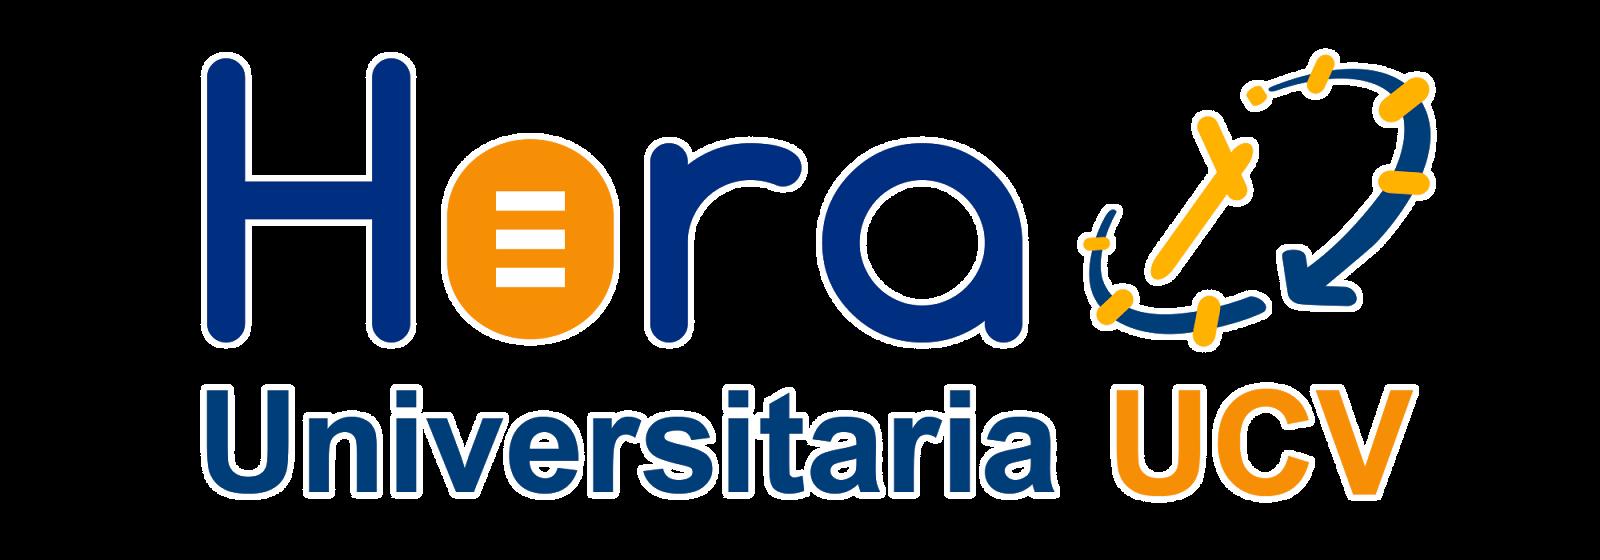 HORA UNIVERSITARIA